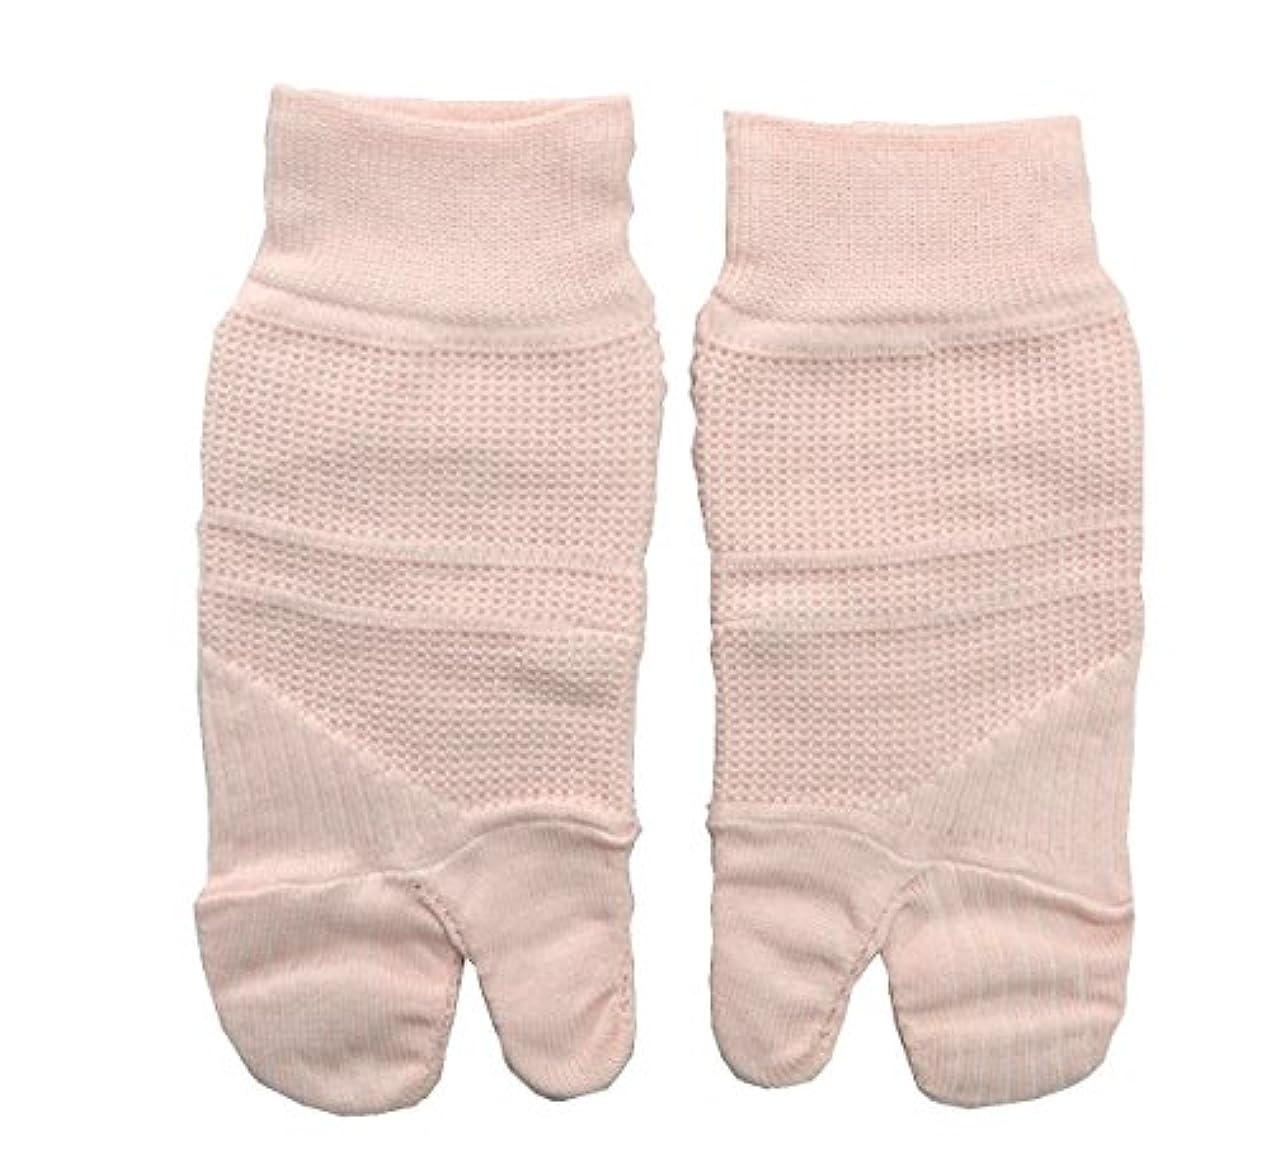 はしご急降下シード外反母趾対策靴下(通常タイプ) 着用後でもサイズ交換無料??着用後でも返品可